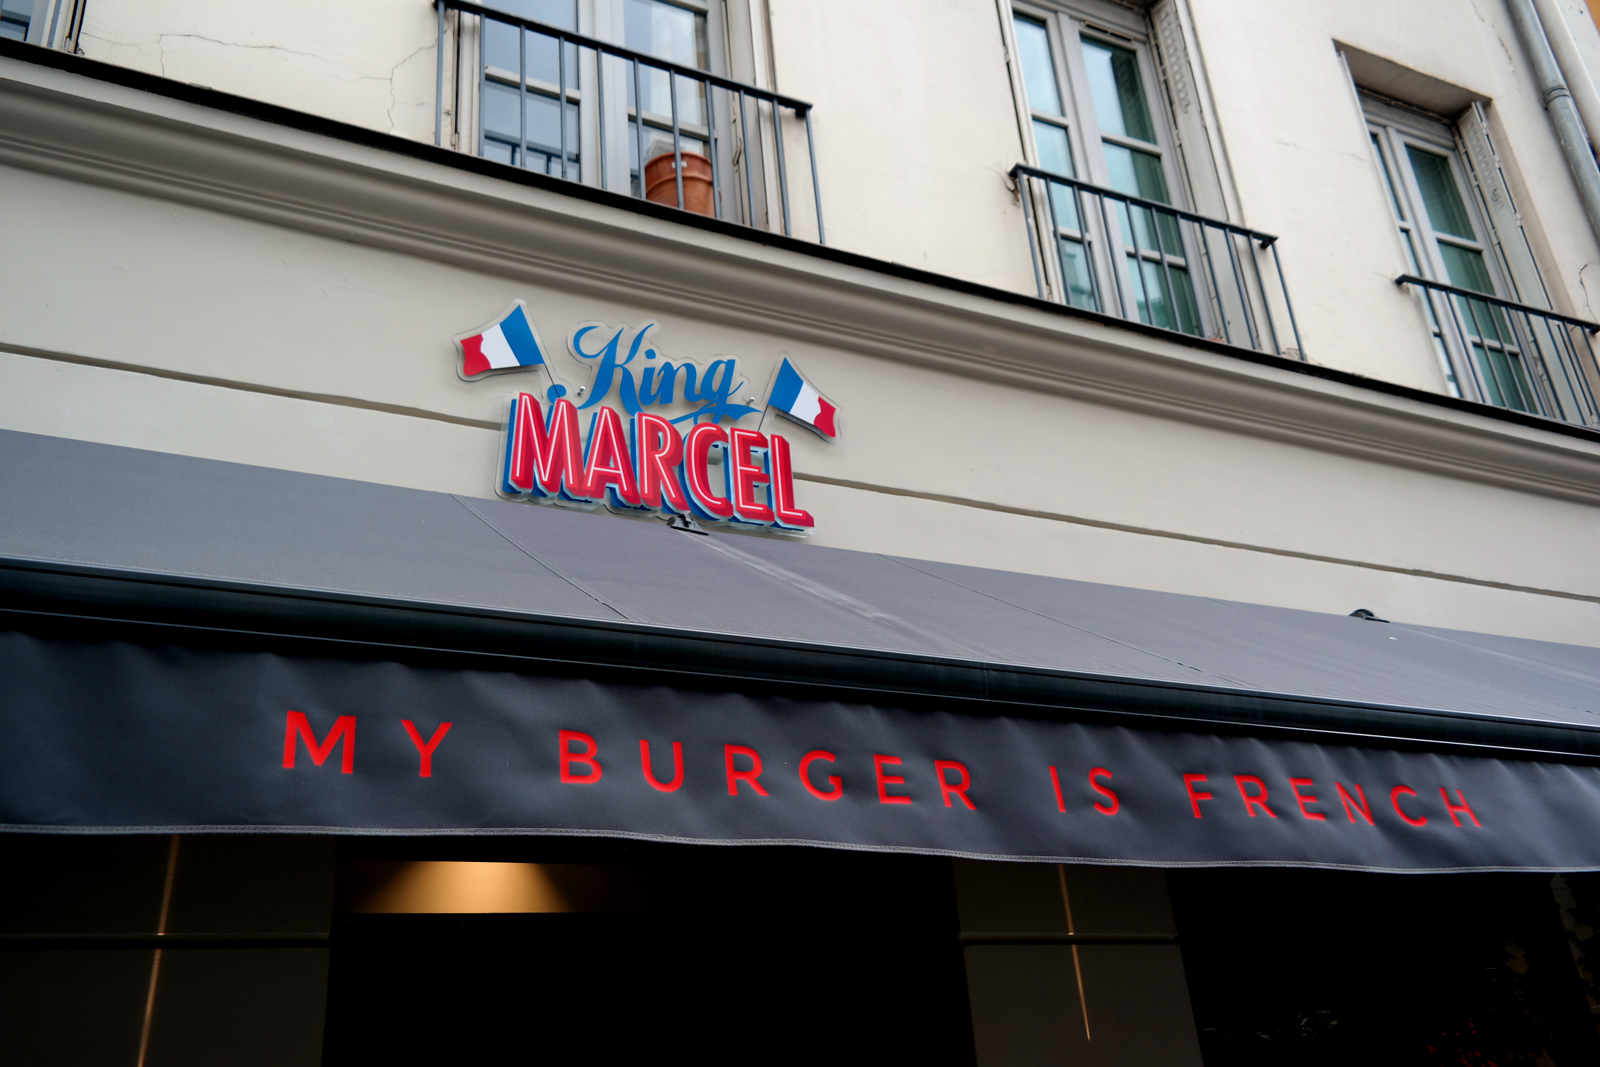 King-Marcel-façade-restaurant-Grands-Boulevards-Paris-166-Rue-Montmatre-2e-my-burger-is-french-nouveau-Lyon-rue-mercière-part-dieu-photo-blog-united-states-of-paris-blog